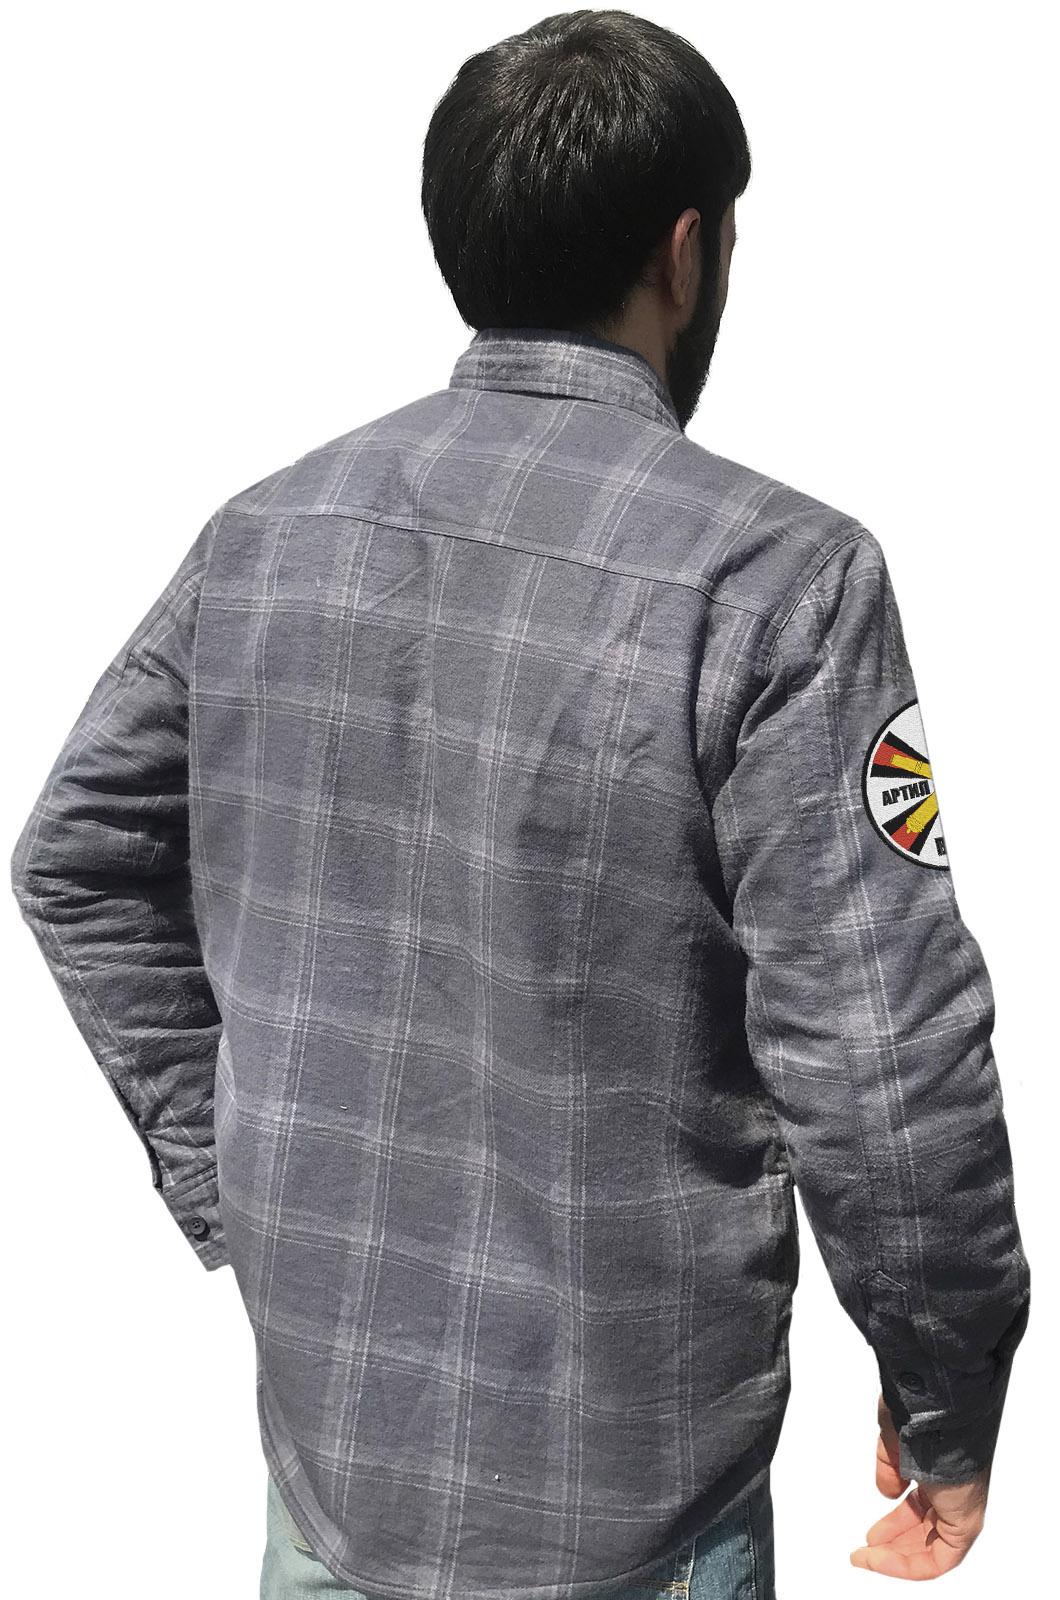 Купить клетчатую мужскую рубашку с вышитым шевроном РВиА оптом выгодно